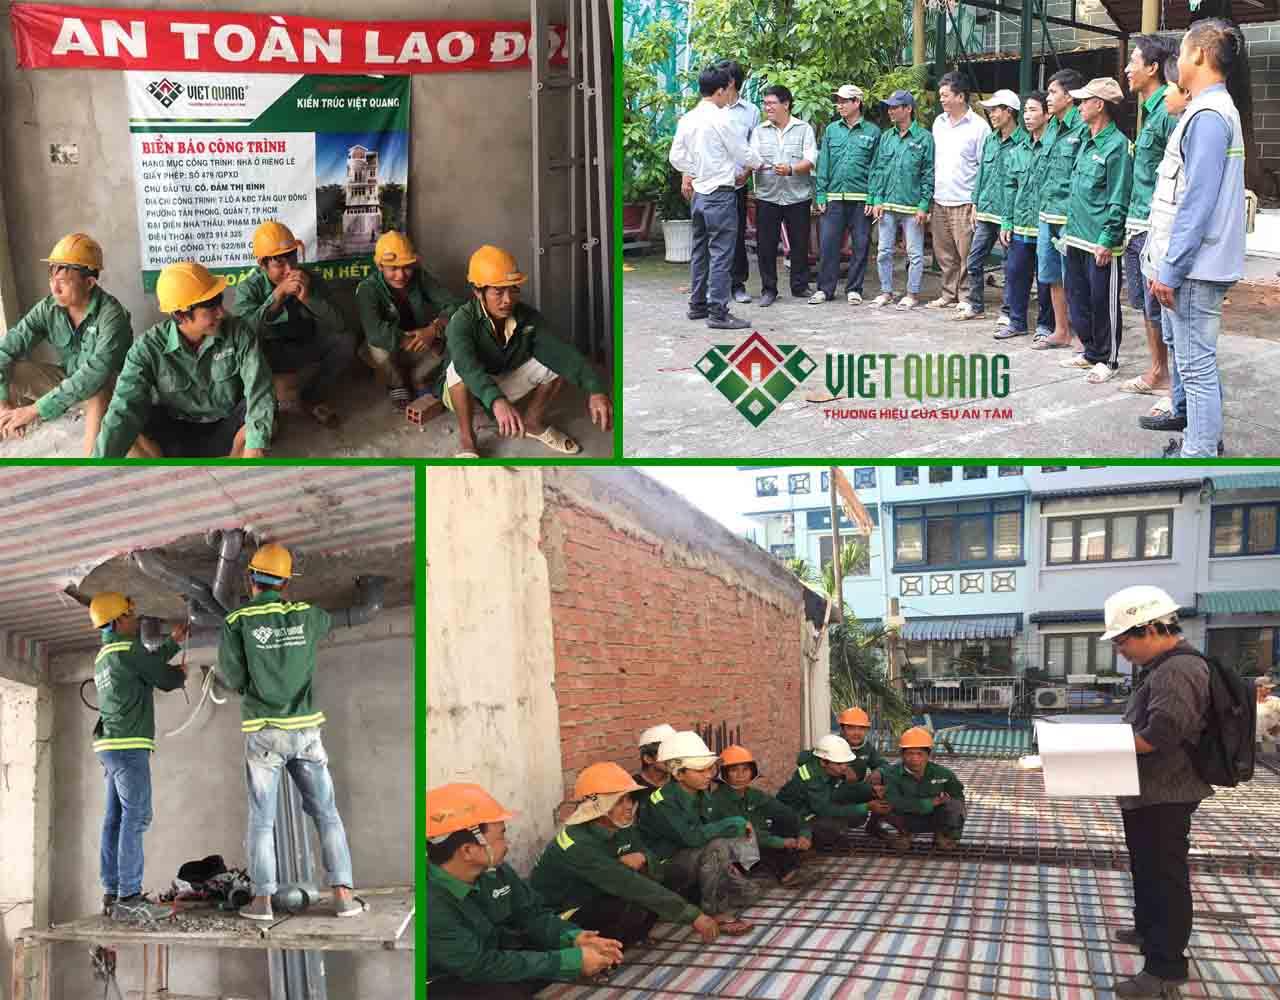 Sửa chữa nhà trọn gói giá rẻ tại Tp HCM